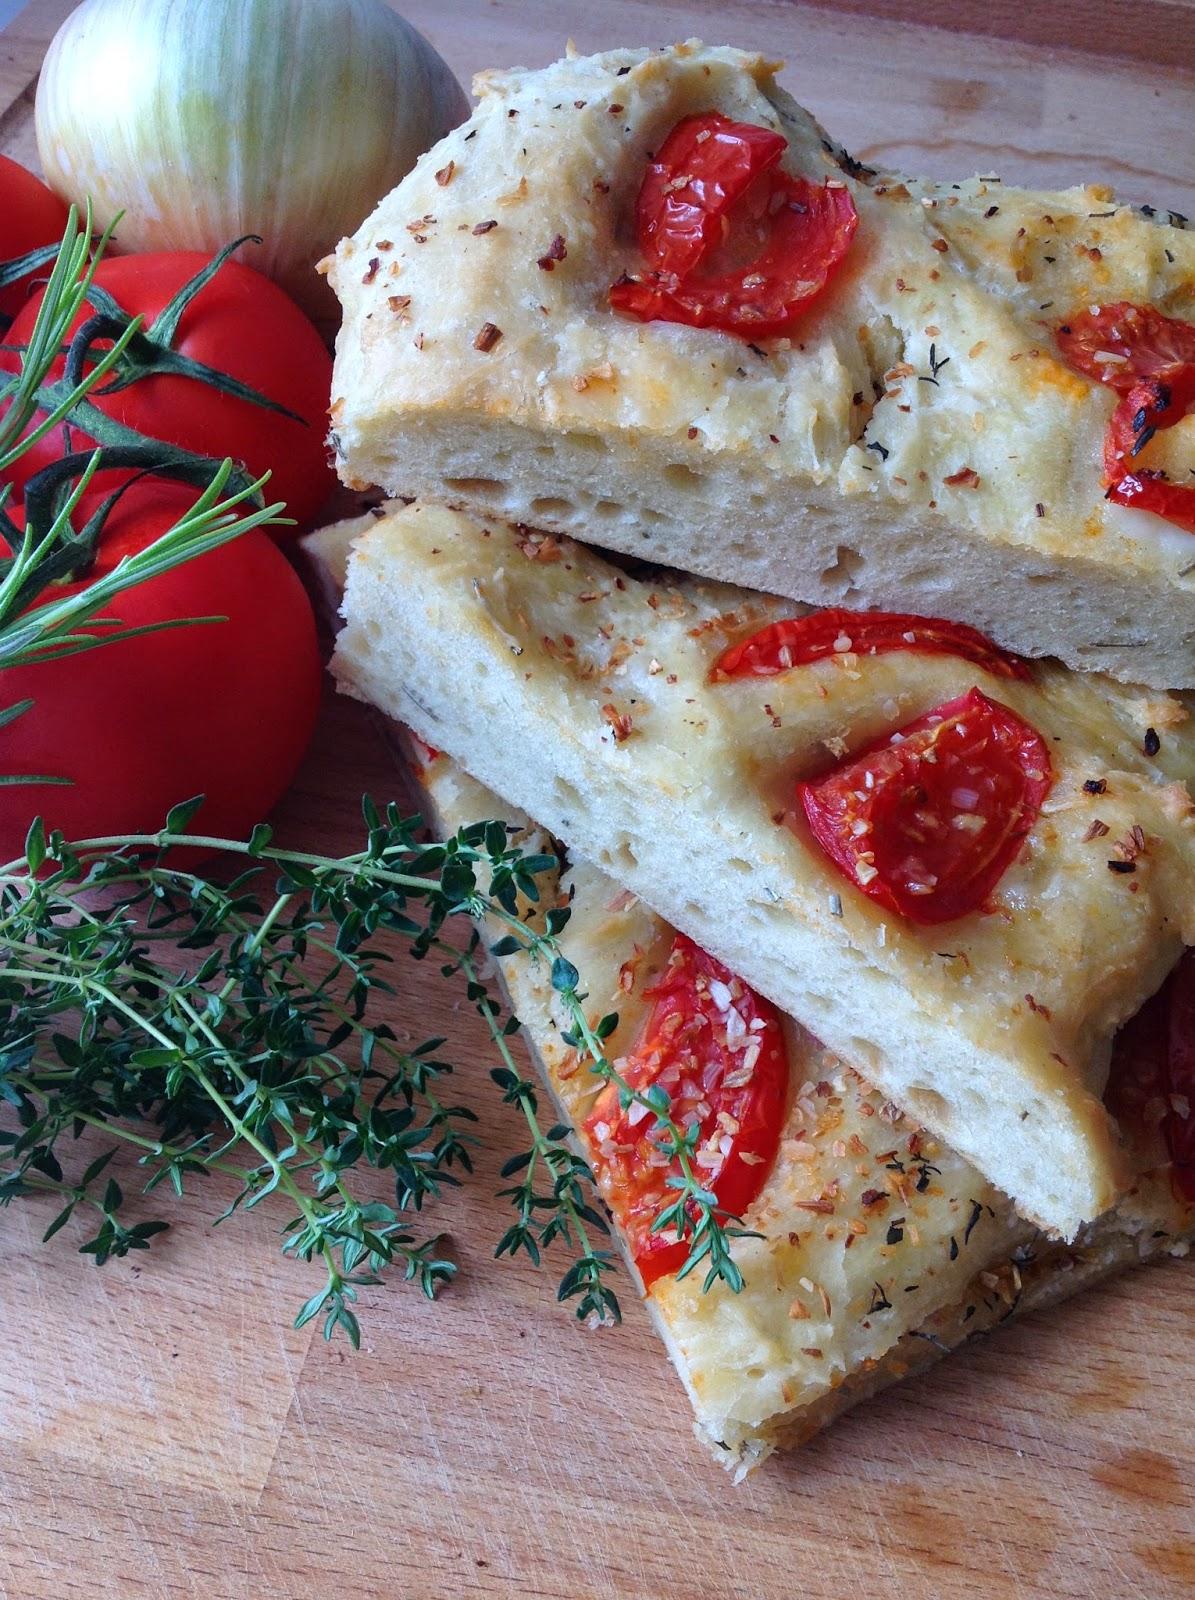 Focaccia aux herbes aromatiques blogs de cuisine - Herbes aromatiques cuisine ...